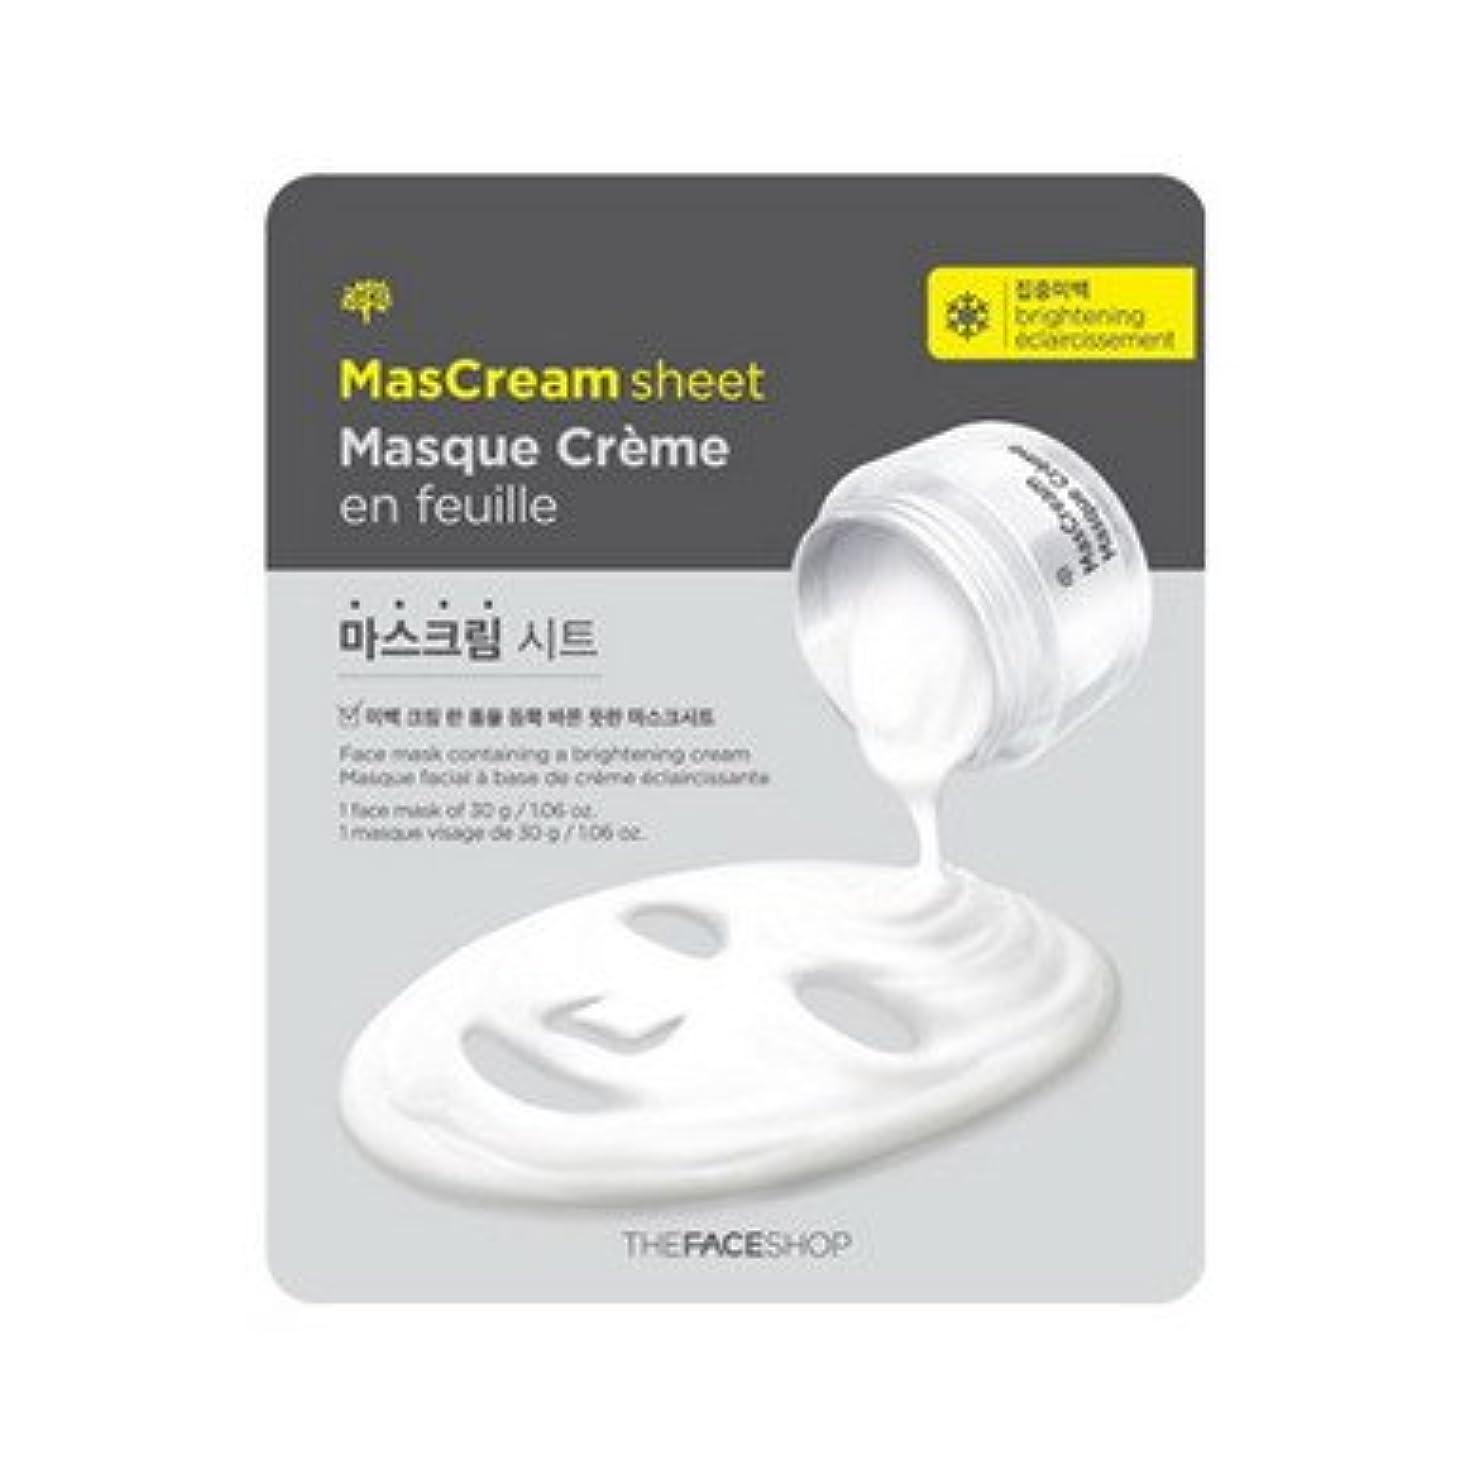 再発するチャレンジドームThe Face Shop (ザ?フェイスショップ) 集中ケアマスクリームシート30g(4種類/ 選択5枚)[並行輸入品]